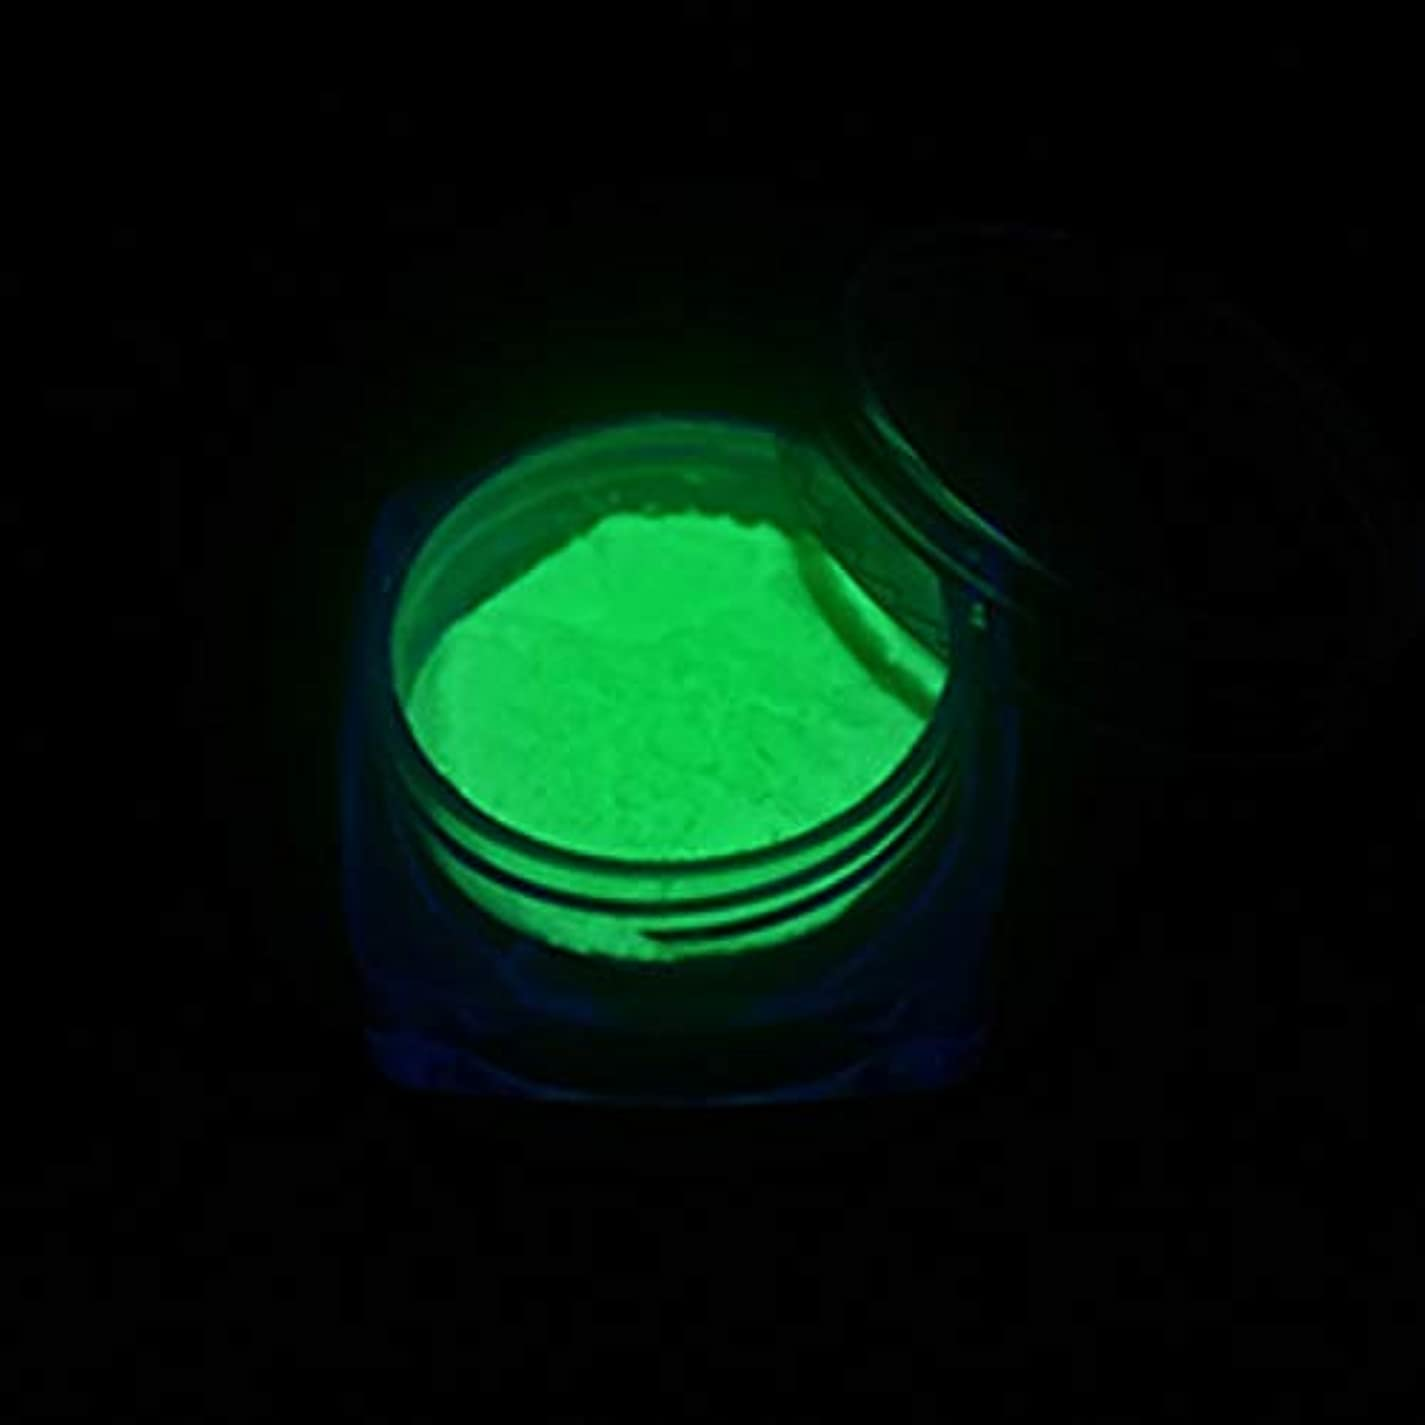 貧しい間隔ドメインMEI1JIA CELINEZL 3 PCSネオン蛍光体パウダーネイルグリッターパウダー(YGF05ダークグリーン) (色 : YGF09 Light Green)